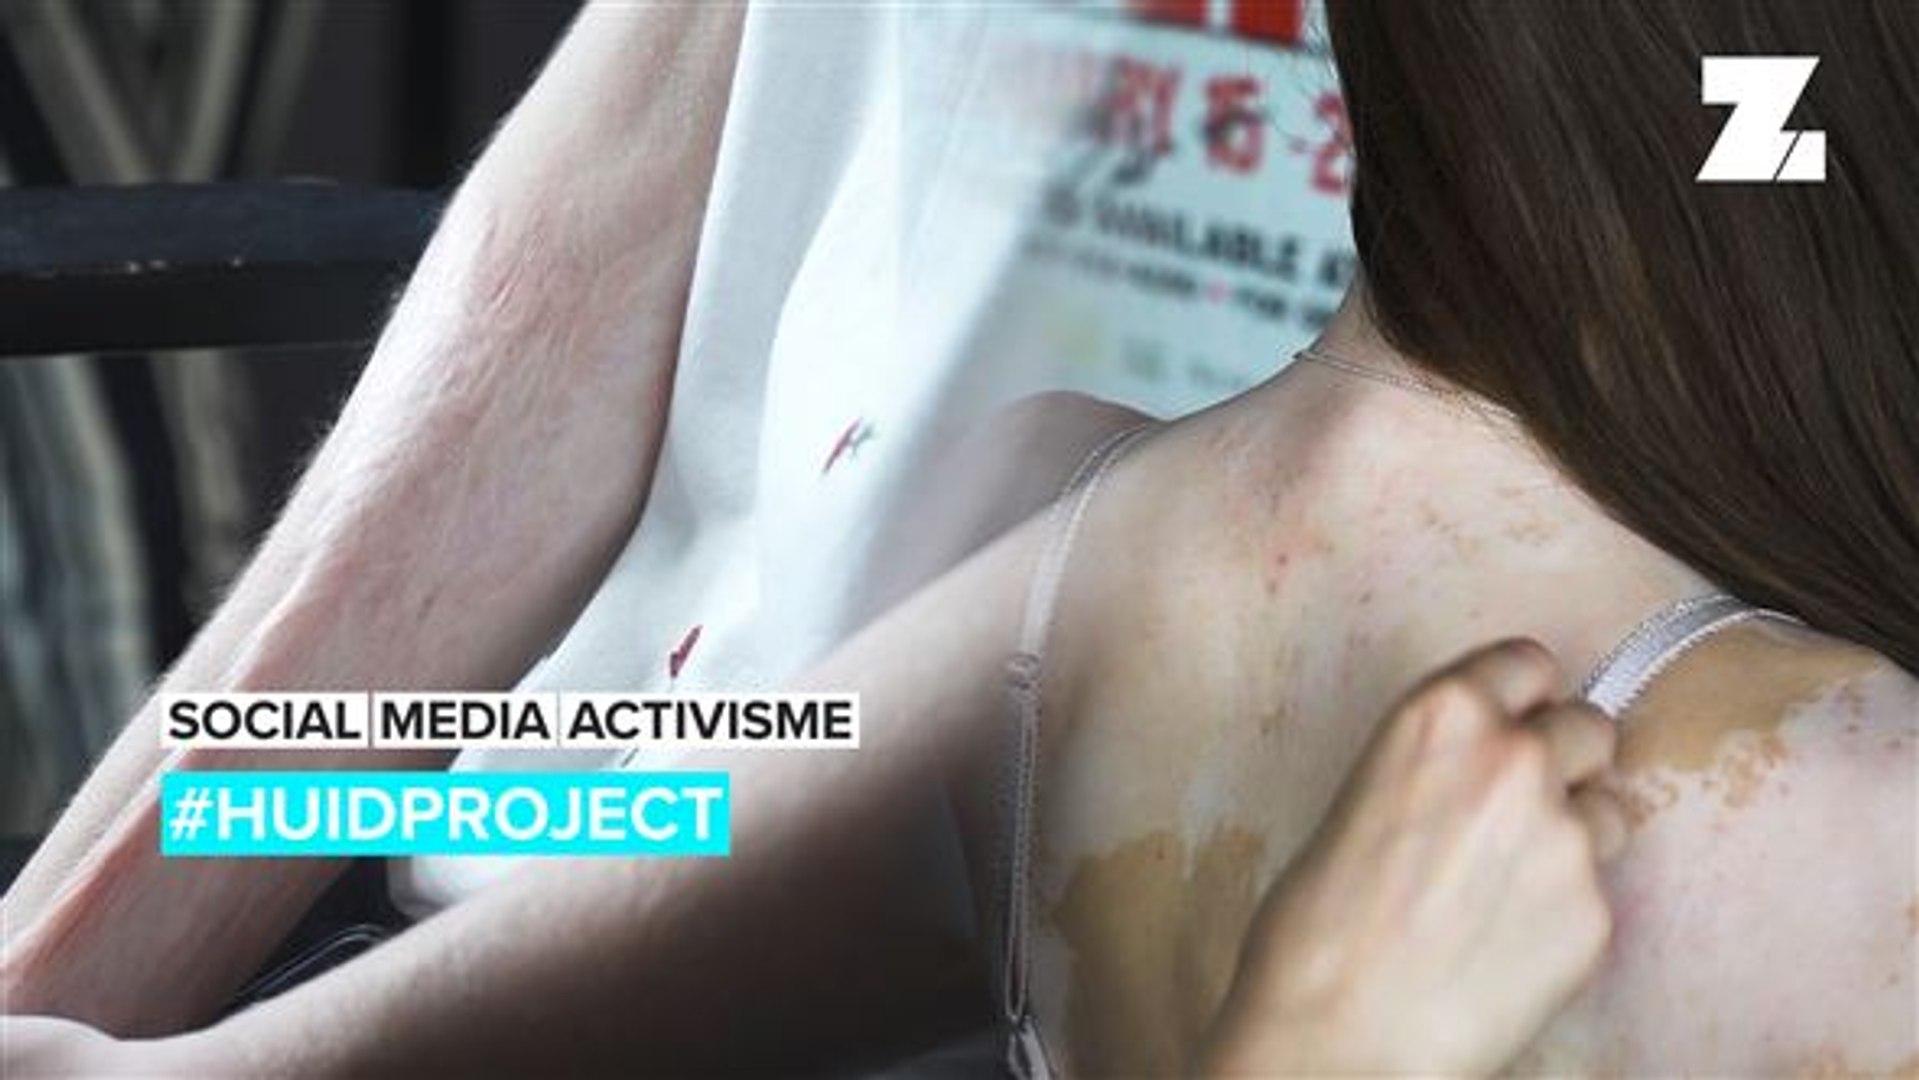 Social Media Activism: #ProjectTheSkin